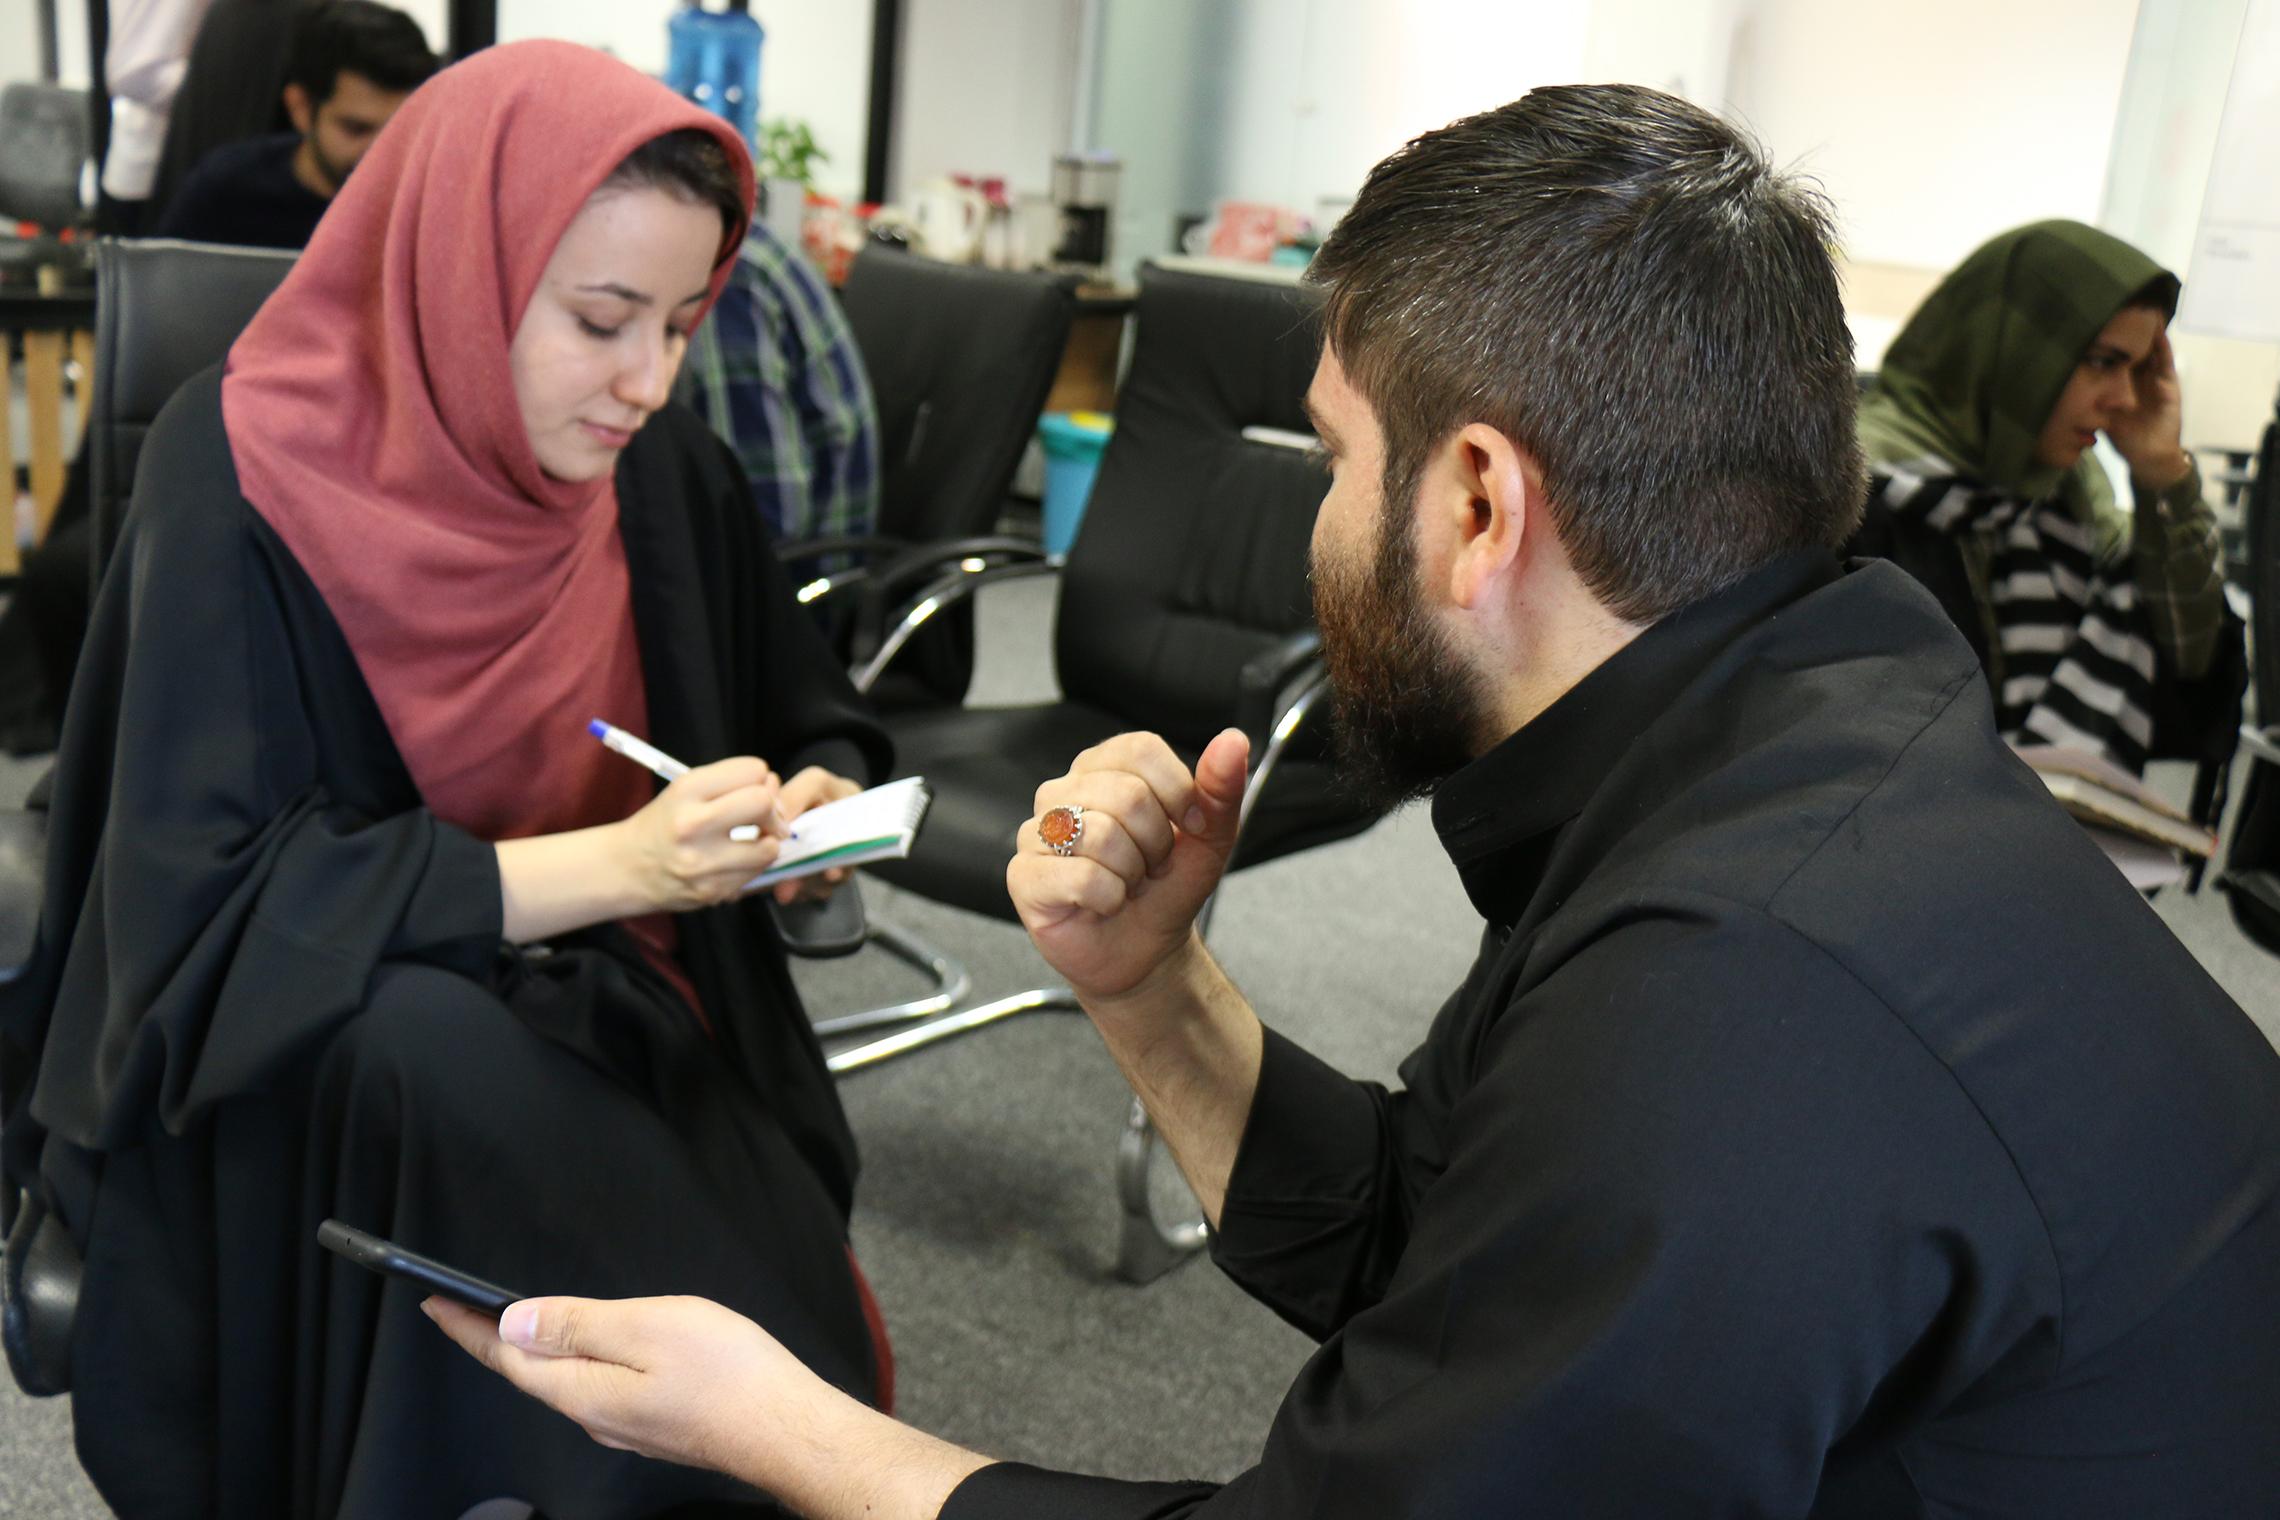 تست ثابلیت انتشار محتوا در دفتر باسلام با حضور غرفه داران